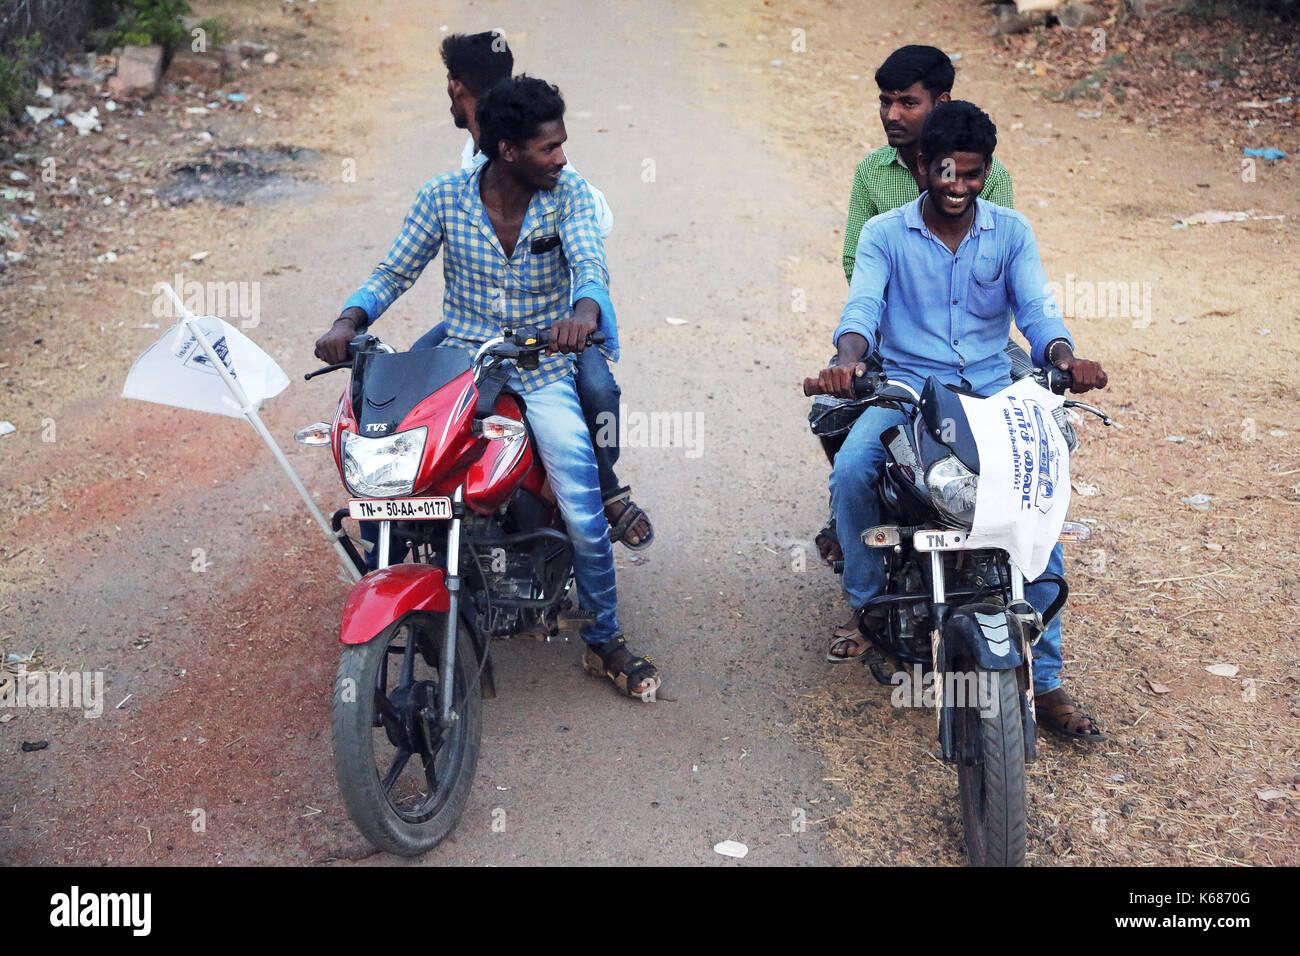 Adolescente muchachos sentados en moto Foto de stock